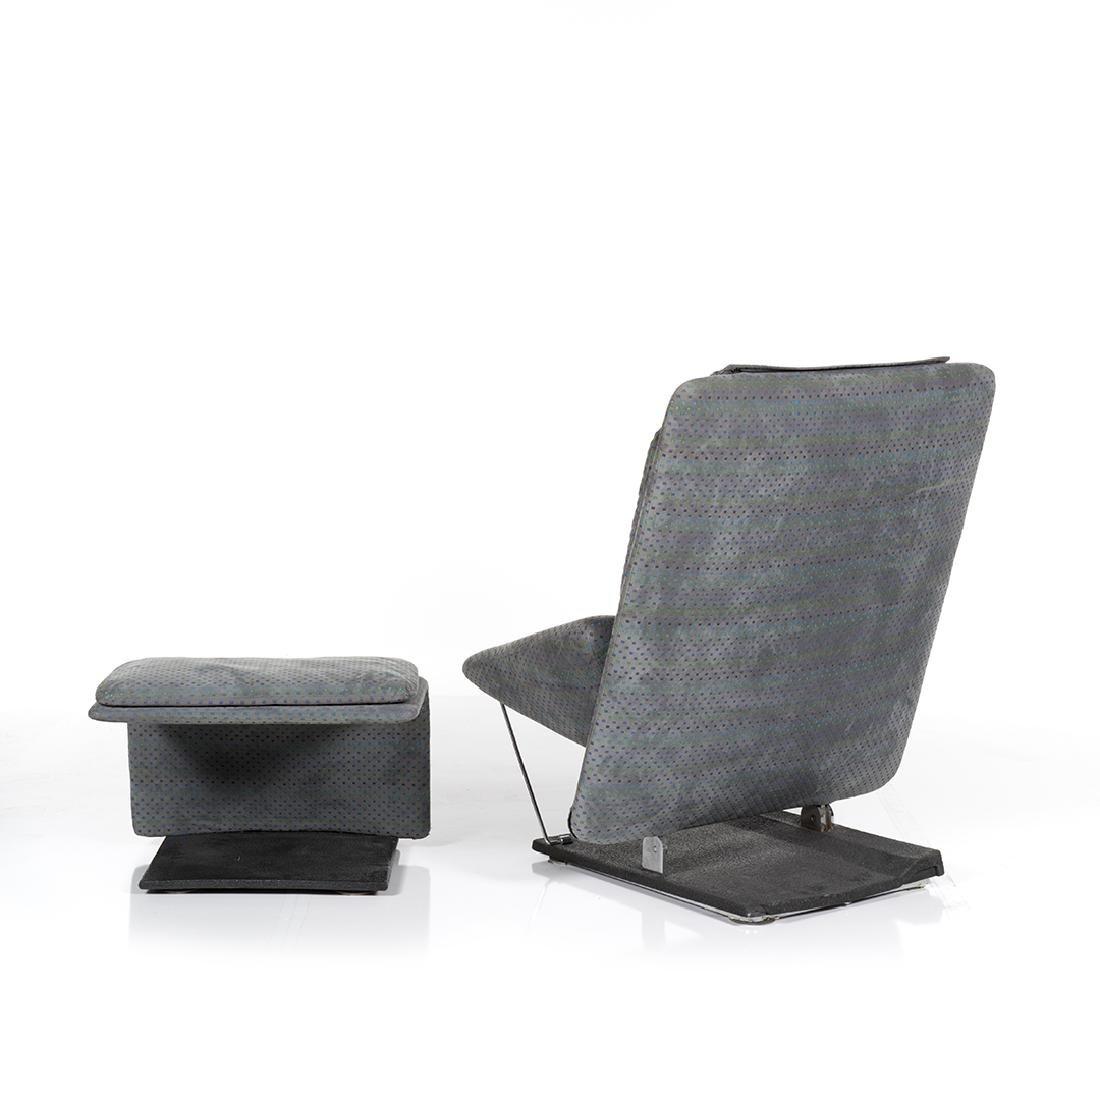 Saporiti Lounge Chair and Ottoman - 2